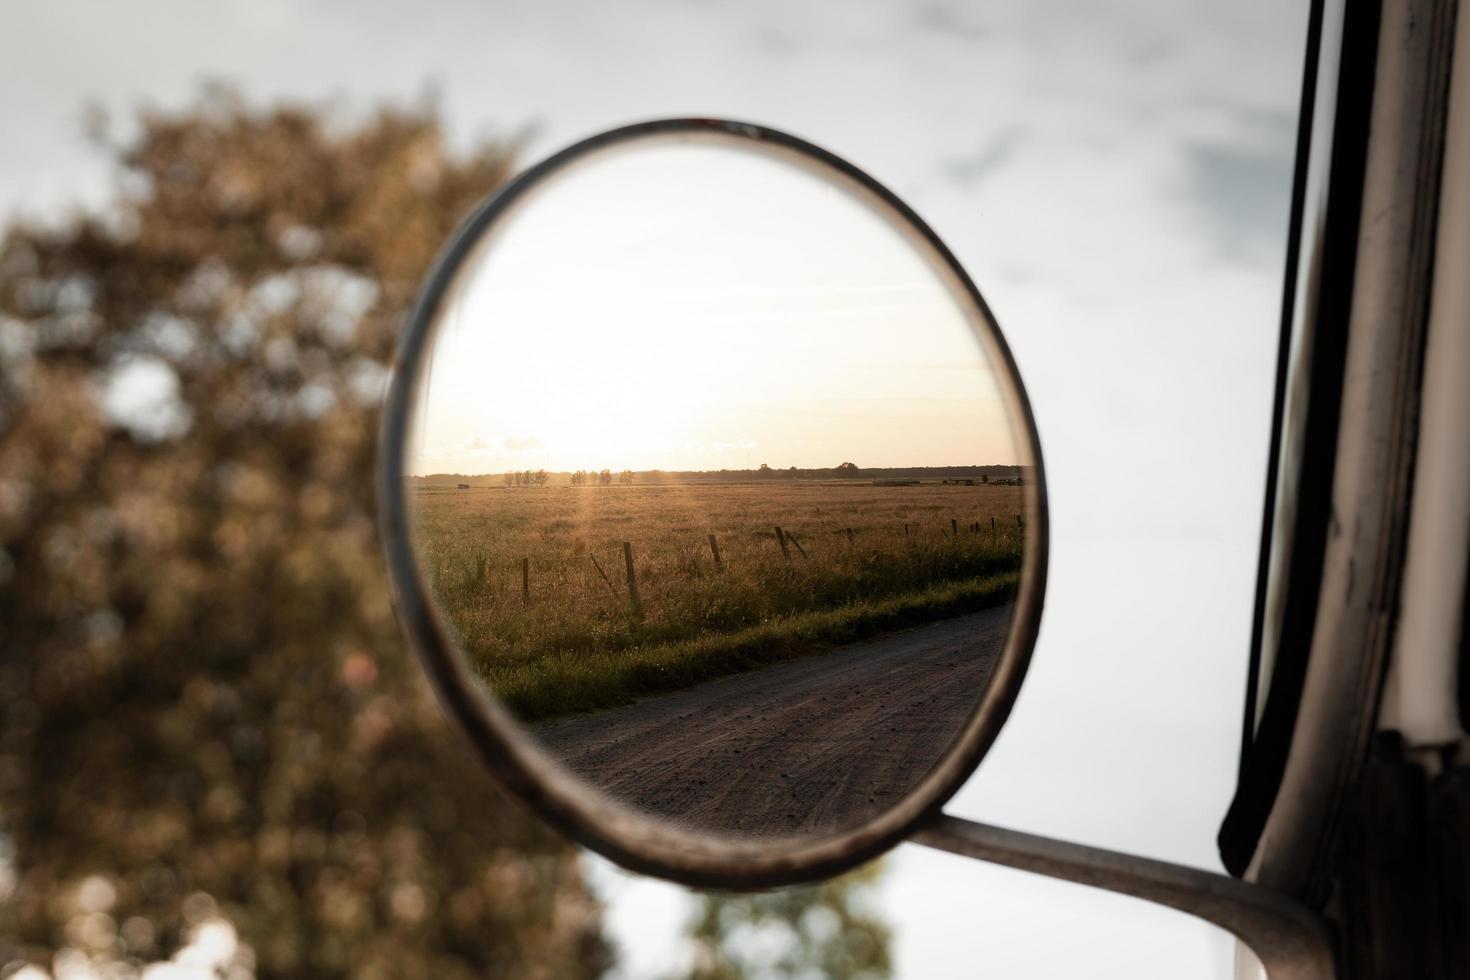 espejo lateral del vehículo foto